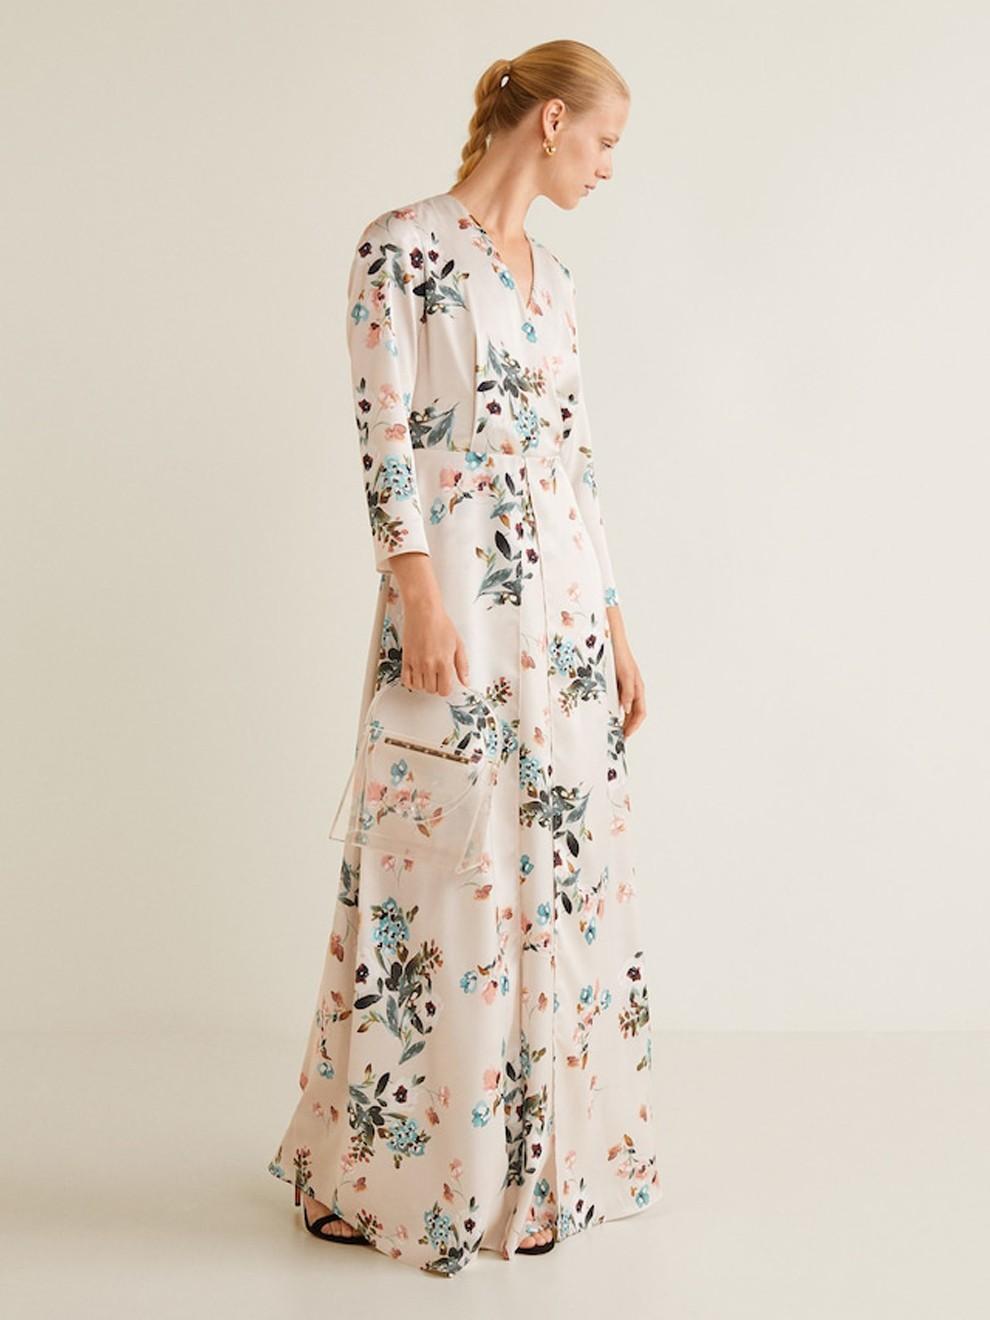 d50b8ab052 La elegancia se transforma en vestido con Mango por 89 99 euros